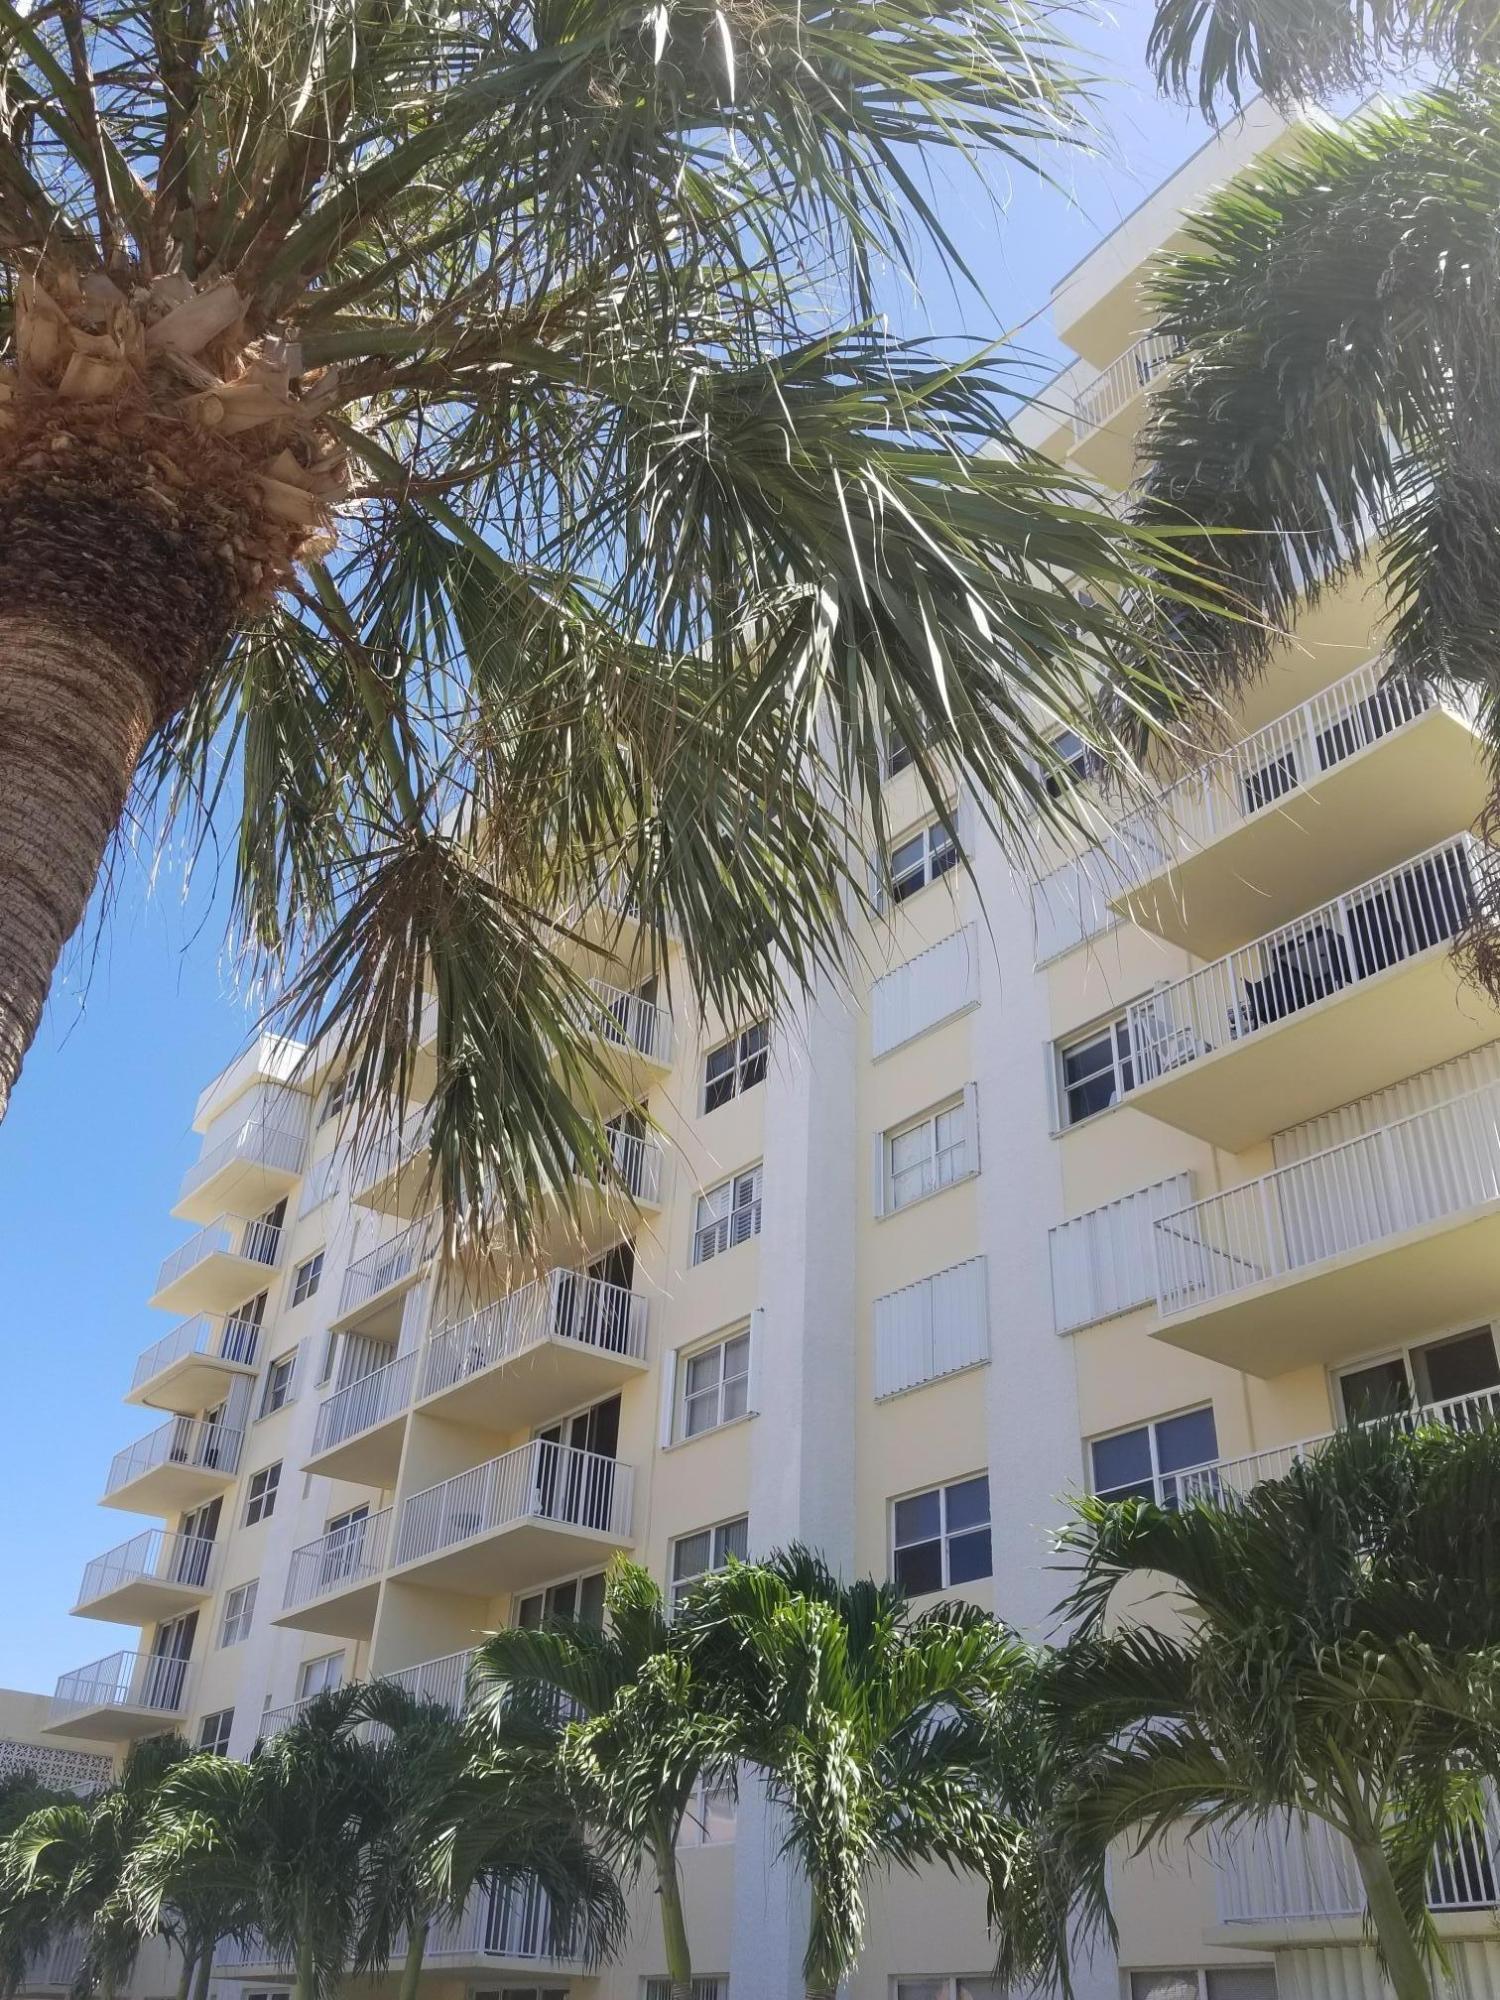 3540 S Ocean Boulevard, South Palm Beach, FL 33480